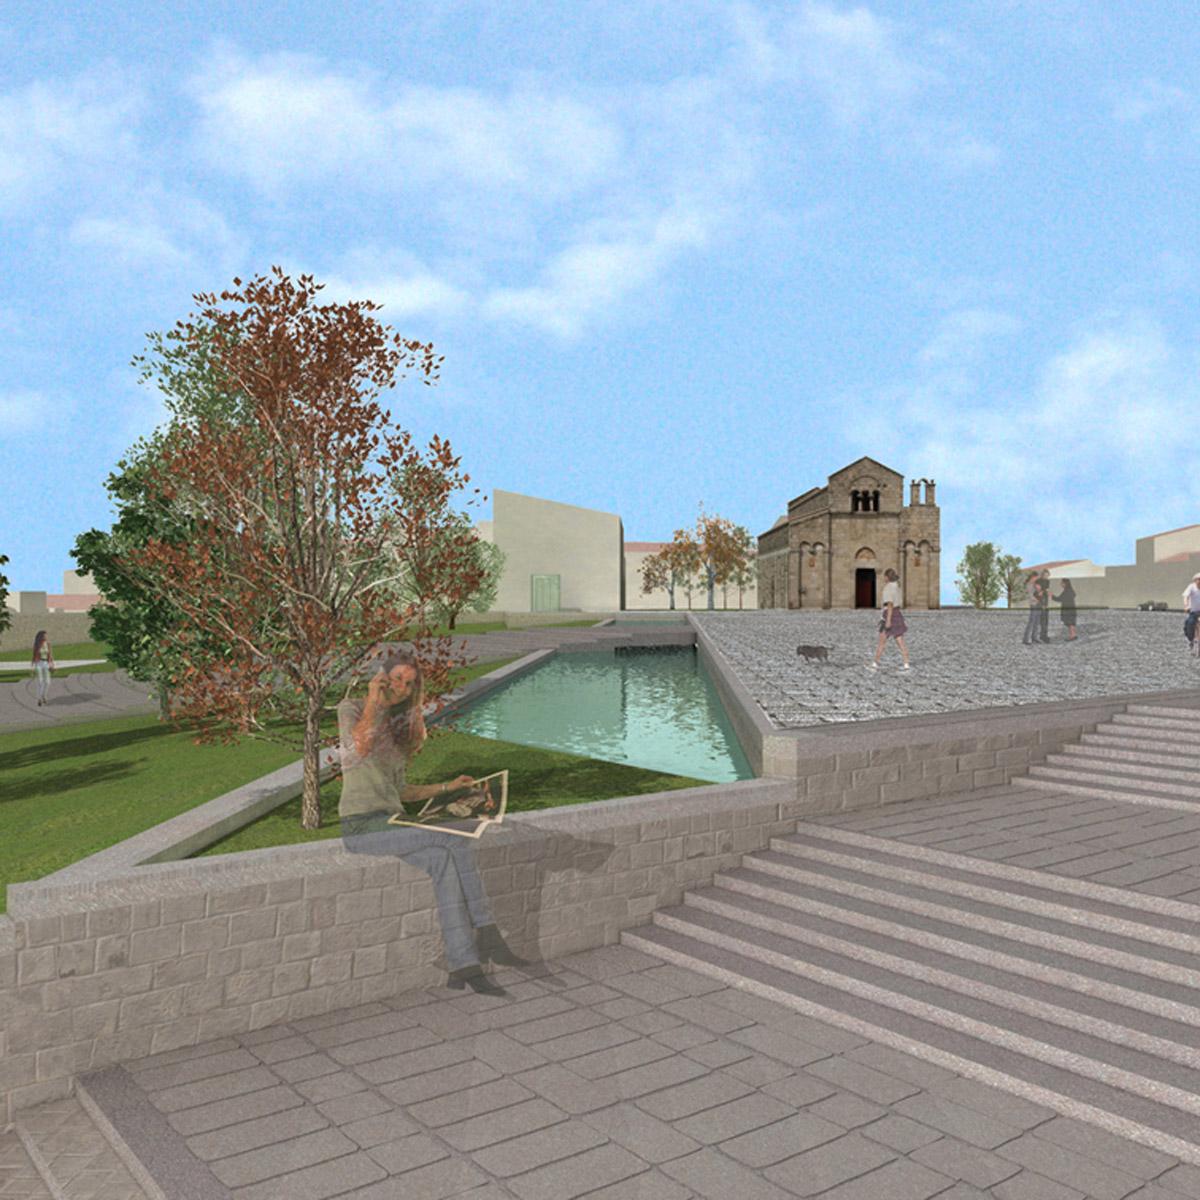 Riqualificazione del Centro Urbano, Urban Center, Olbia (Italia)